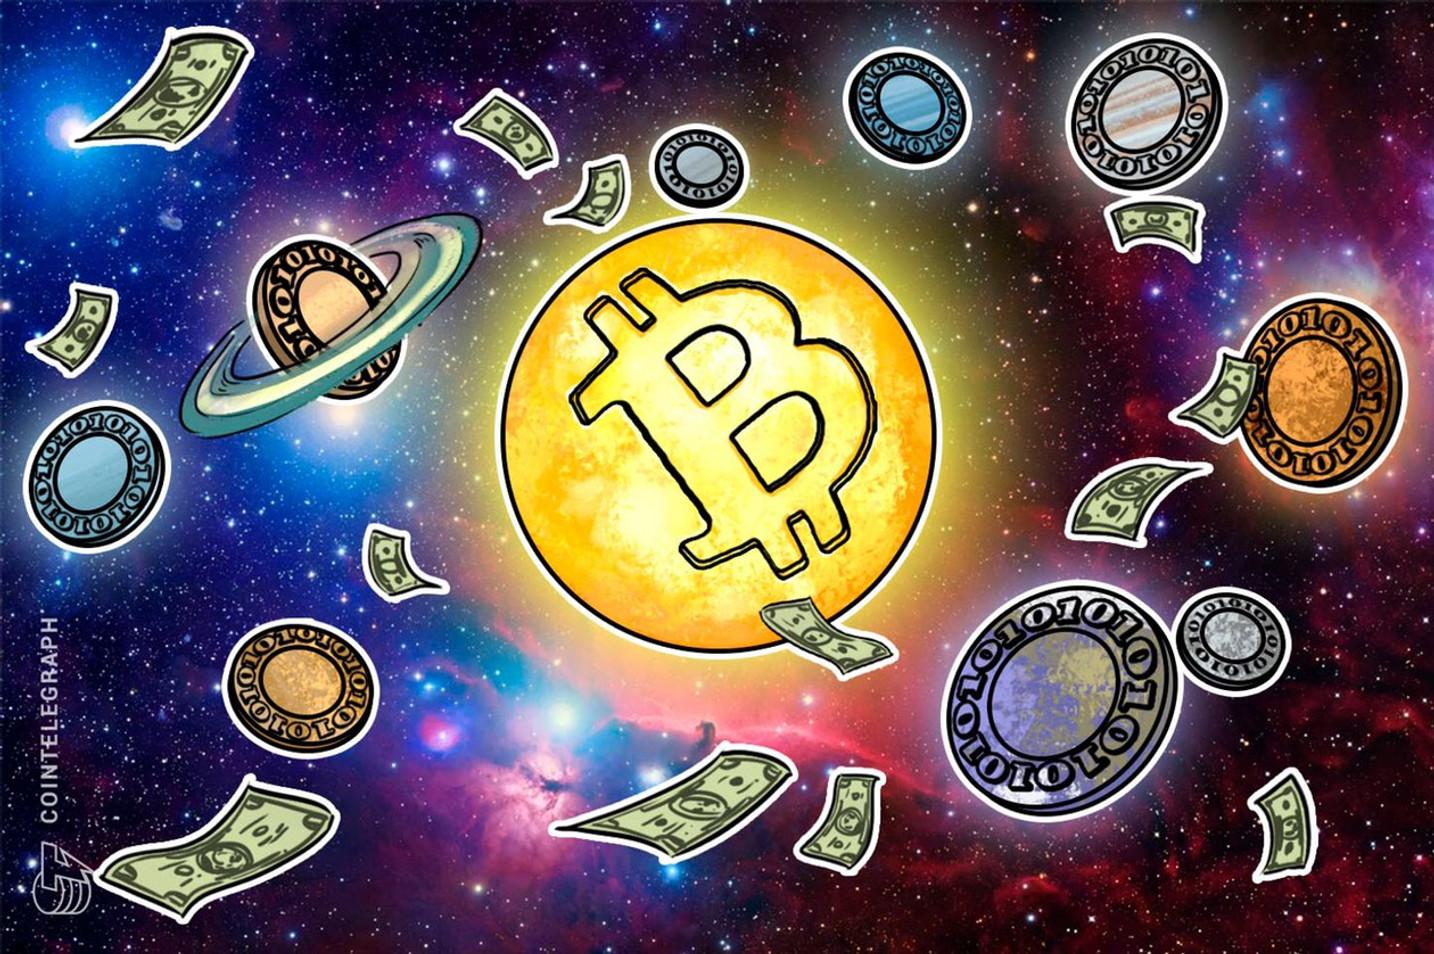 BCHハードフォーク問題が徐々に収束か、値動きも緩やかに 仮想通貨ビットコイン相場市況(11月21日)